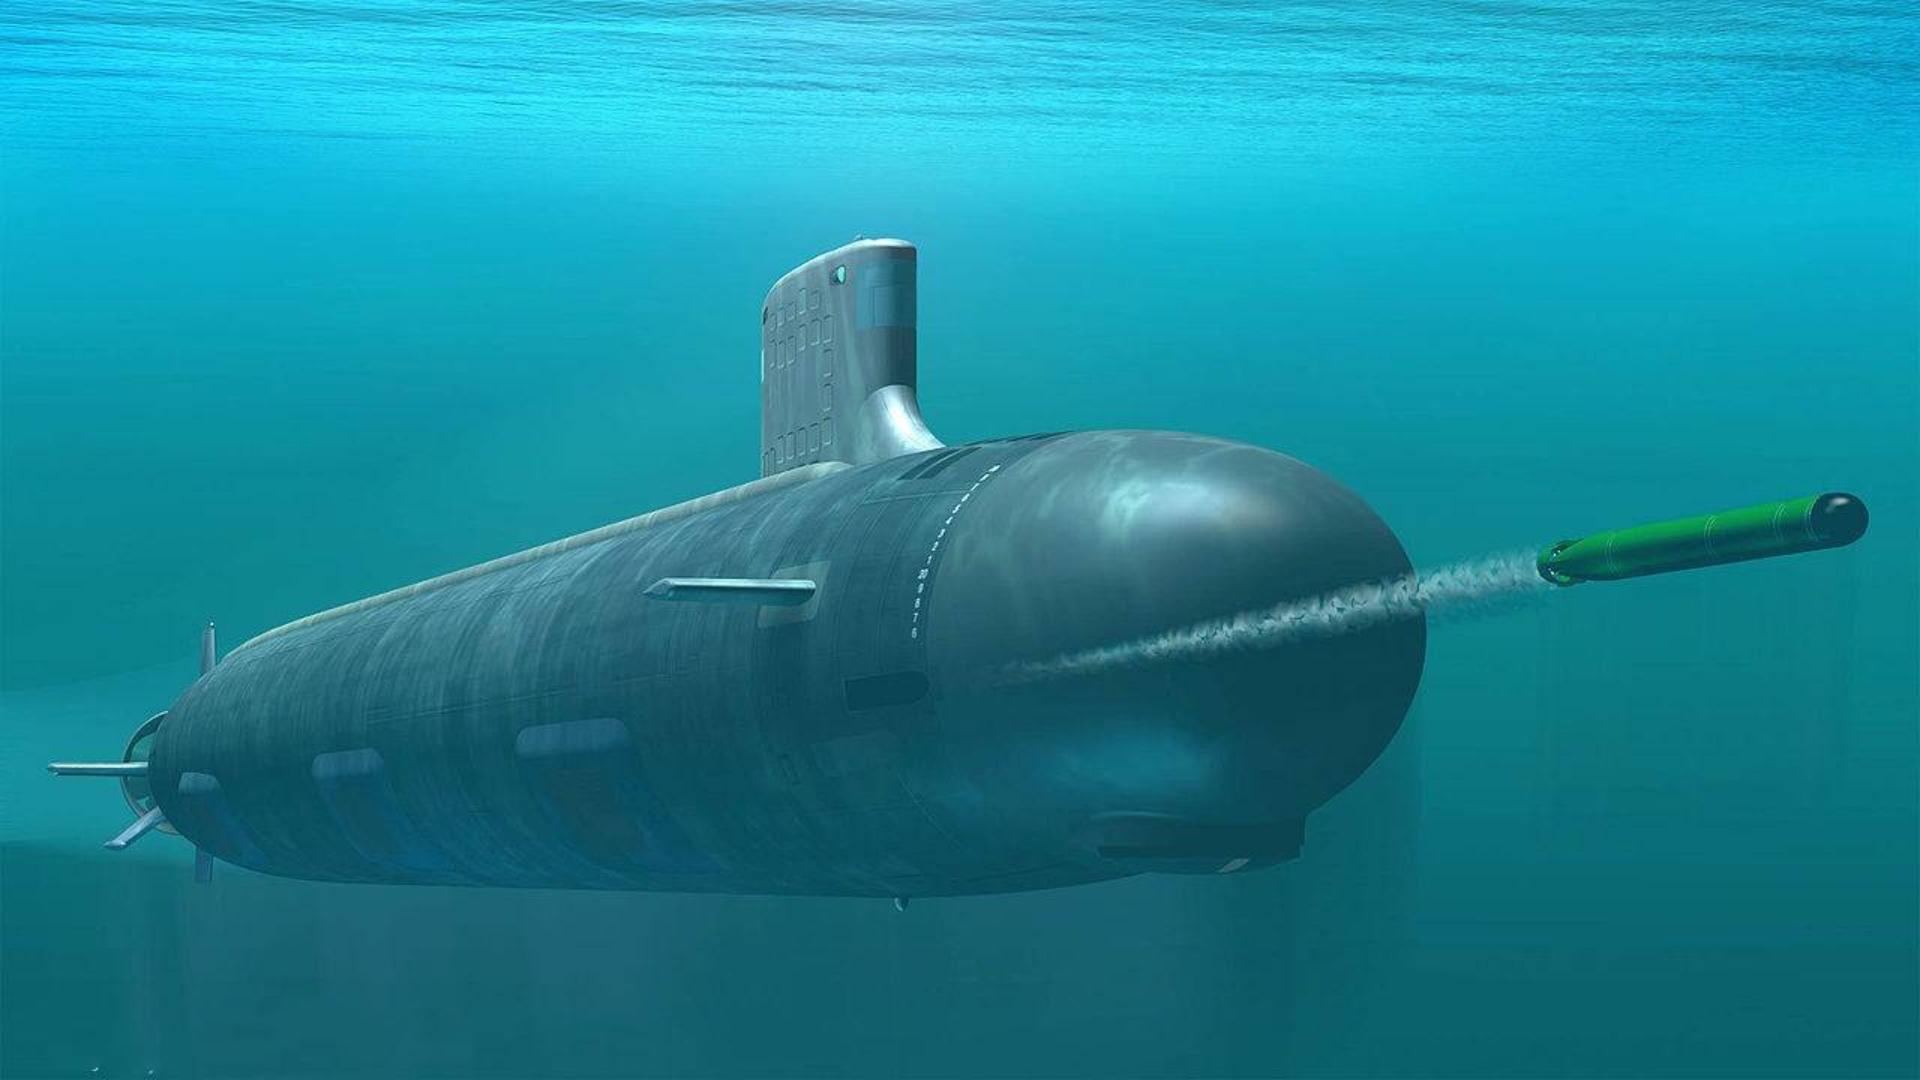 央视官宣095型核潜艇已服役,采用无轴泵喷推进,性能超海狼级